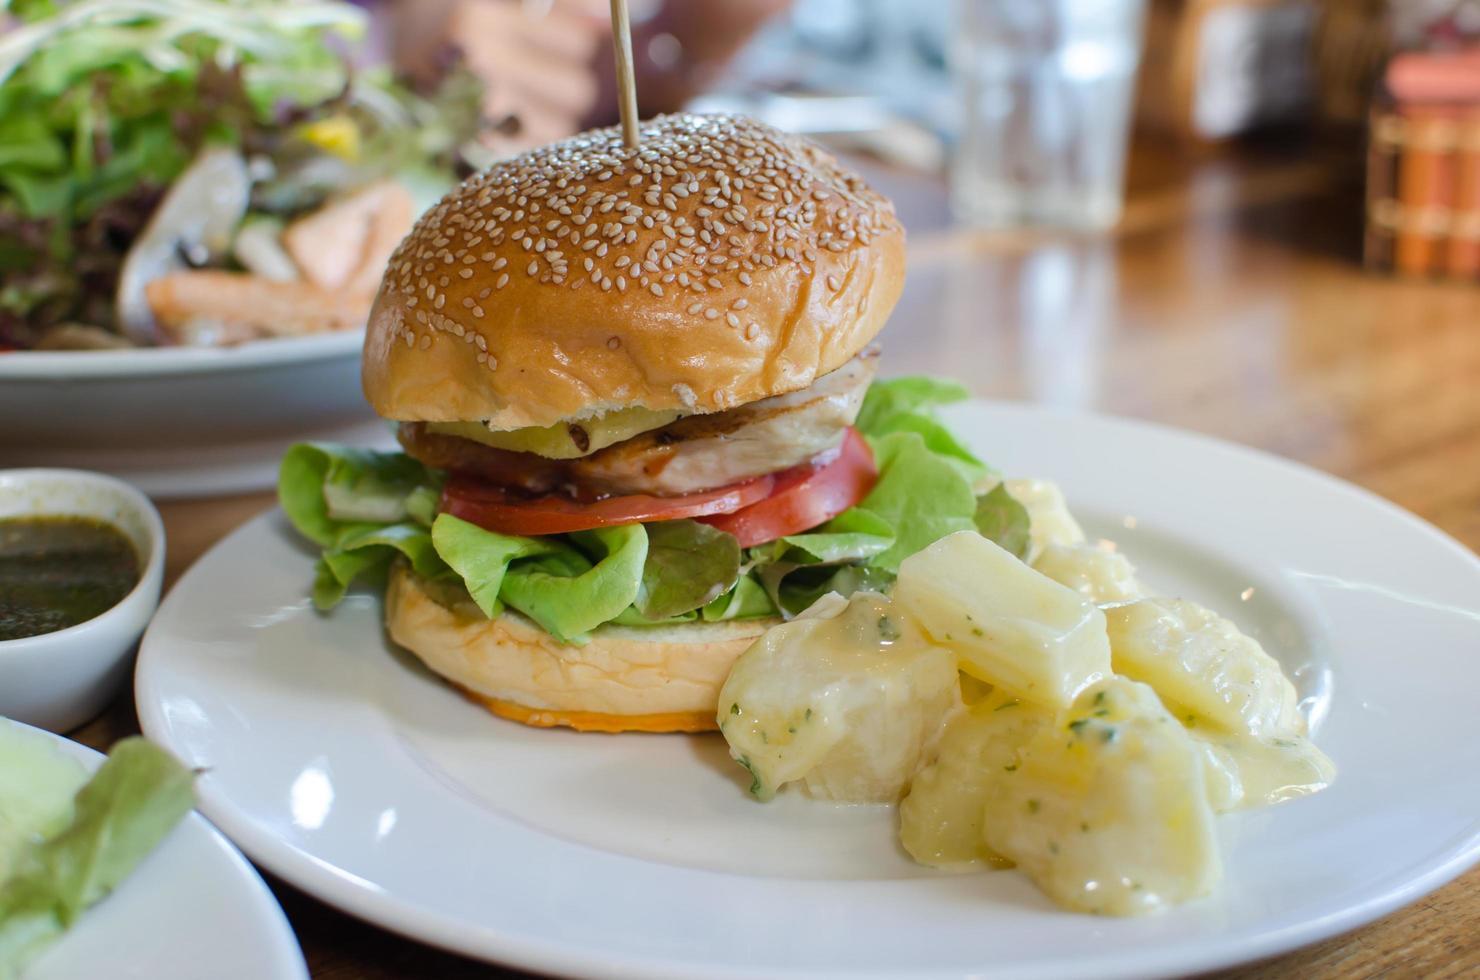 comida de hamburguesa de pollo foto